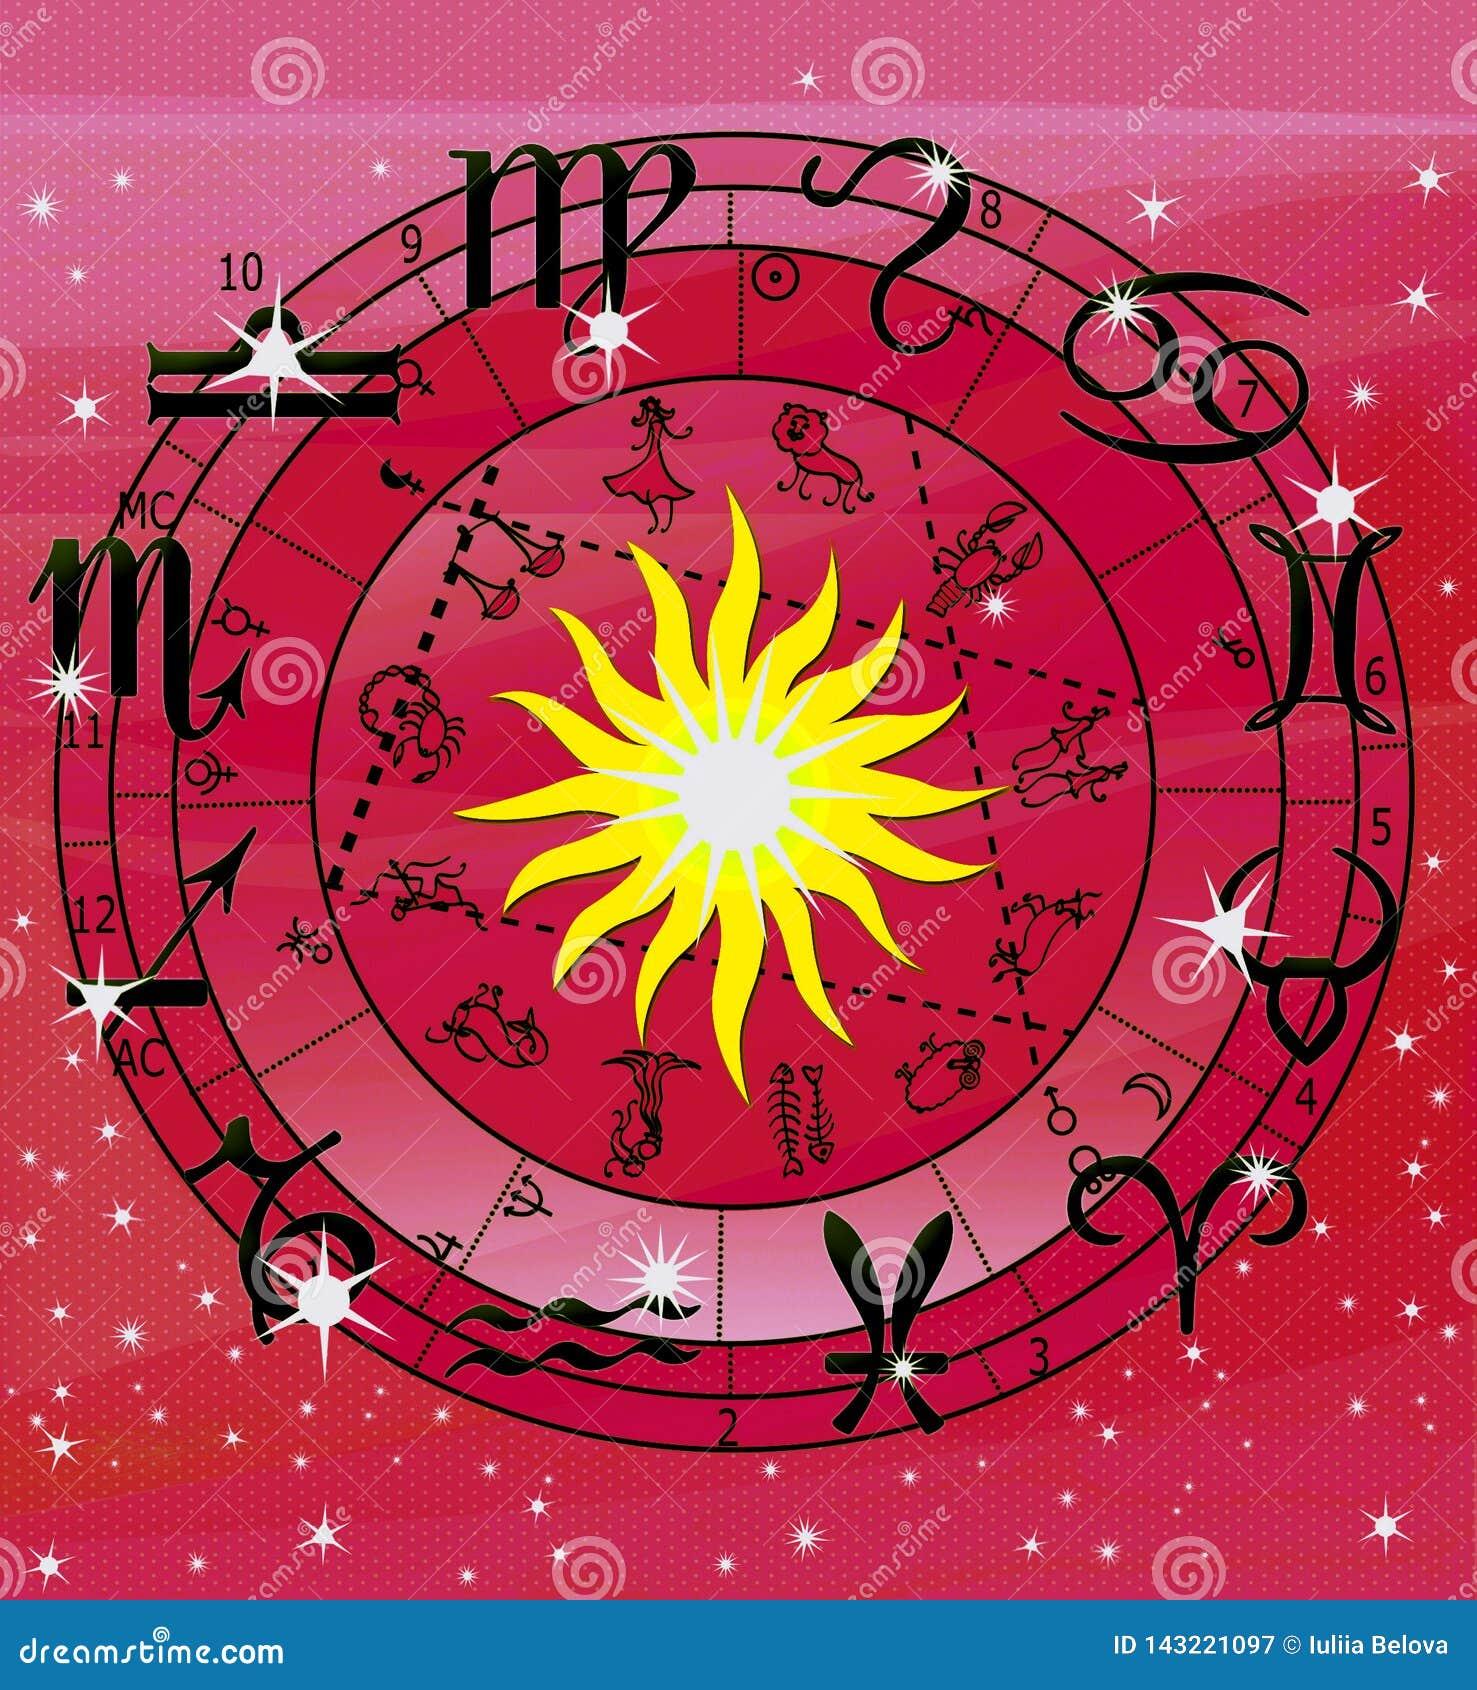 Zukunft Horoskop